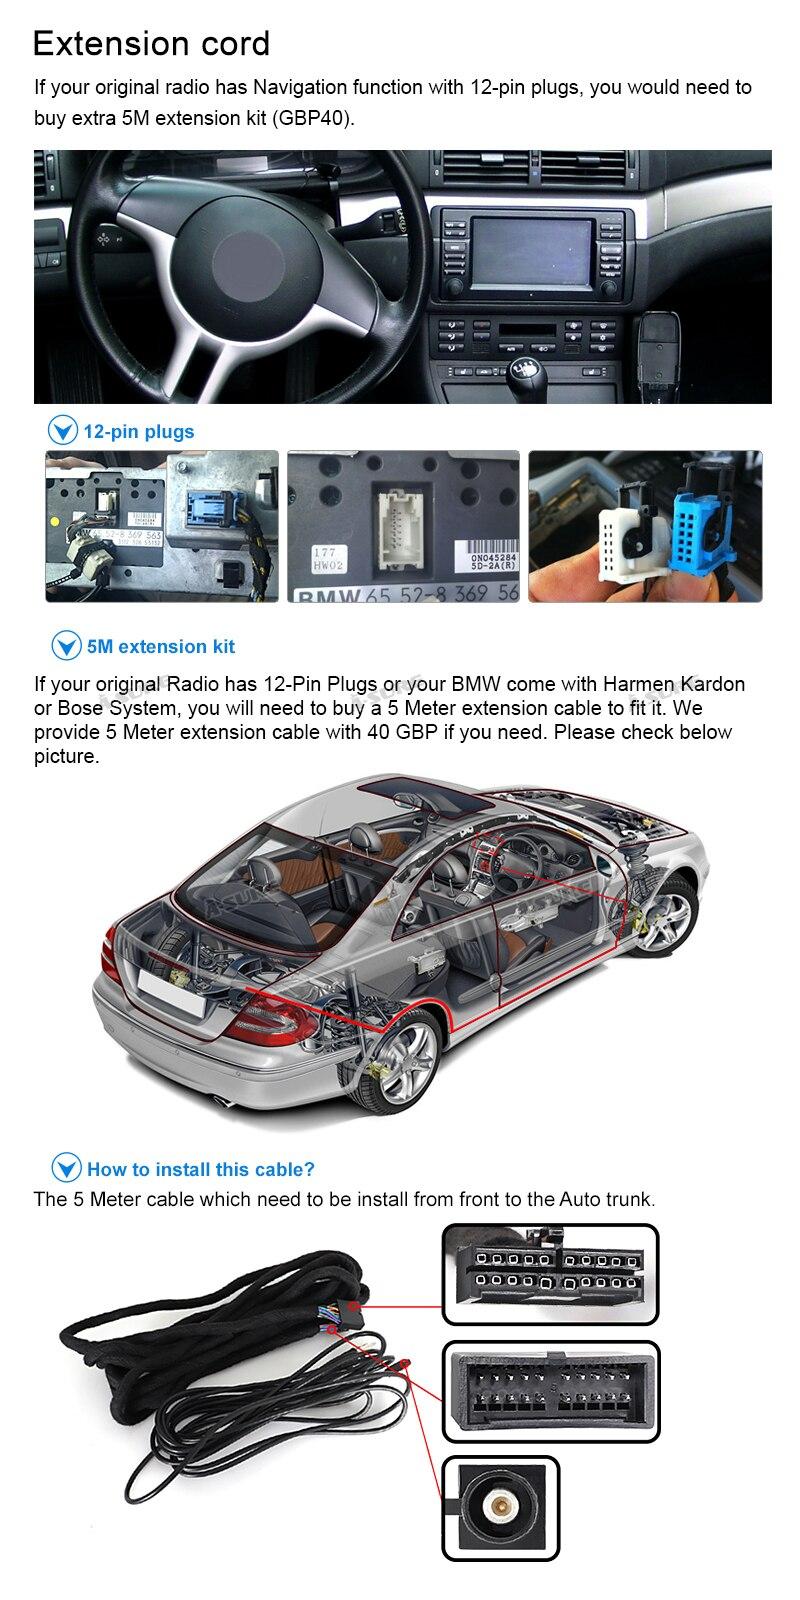 incluida la extensi/ón de Antena en DIN, I-Bus y Cable de Antena X5 E53 5 E39 Cable de extensi/ón Quadlock de 6,5m Compatible con BMW 3 E46